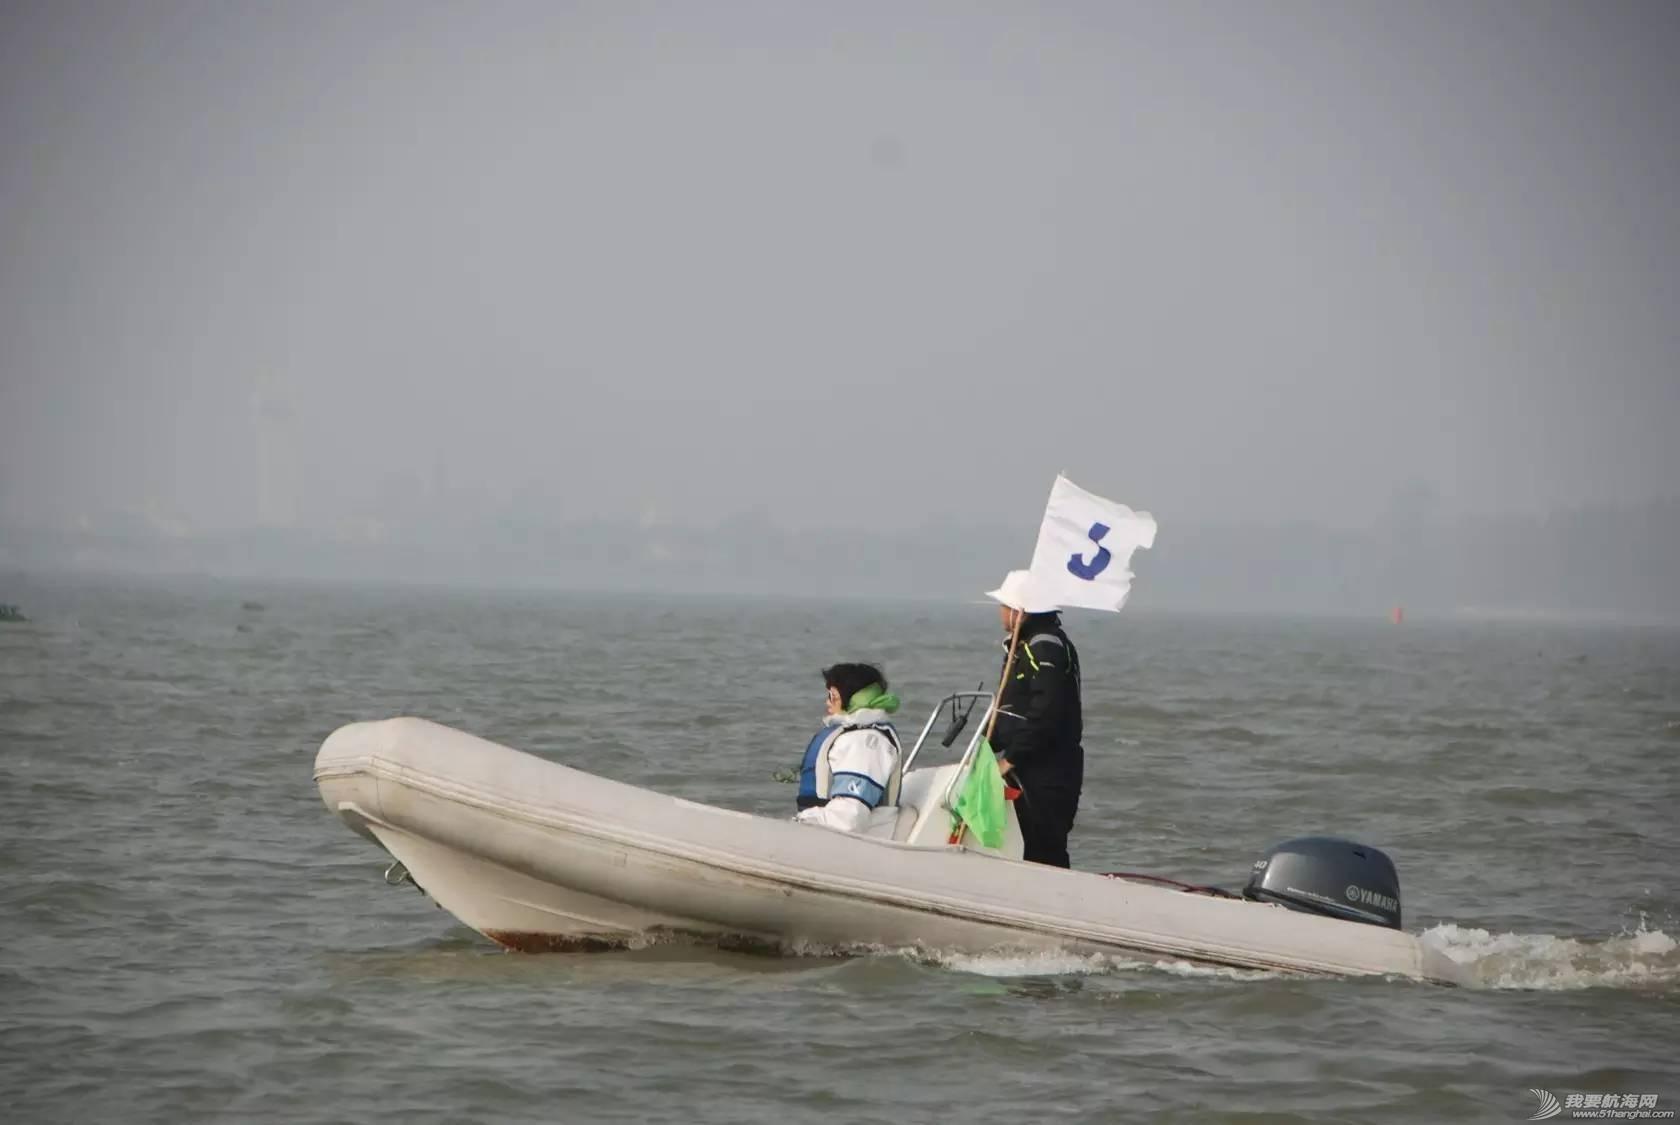 上海美帆SBYC2016龙骨船月赛第一季(3月12号) 竞赛通知 8488253b1e1bbf3460a9e8f284ea1c3c.jpg